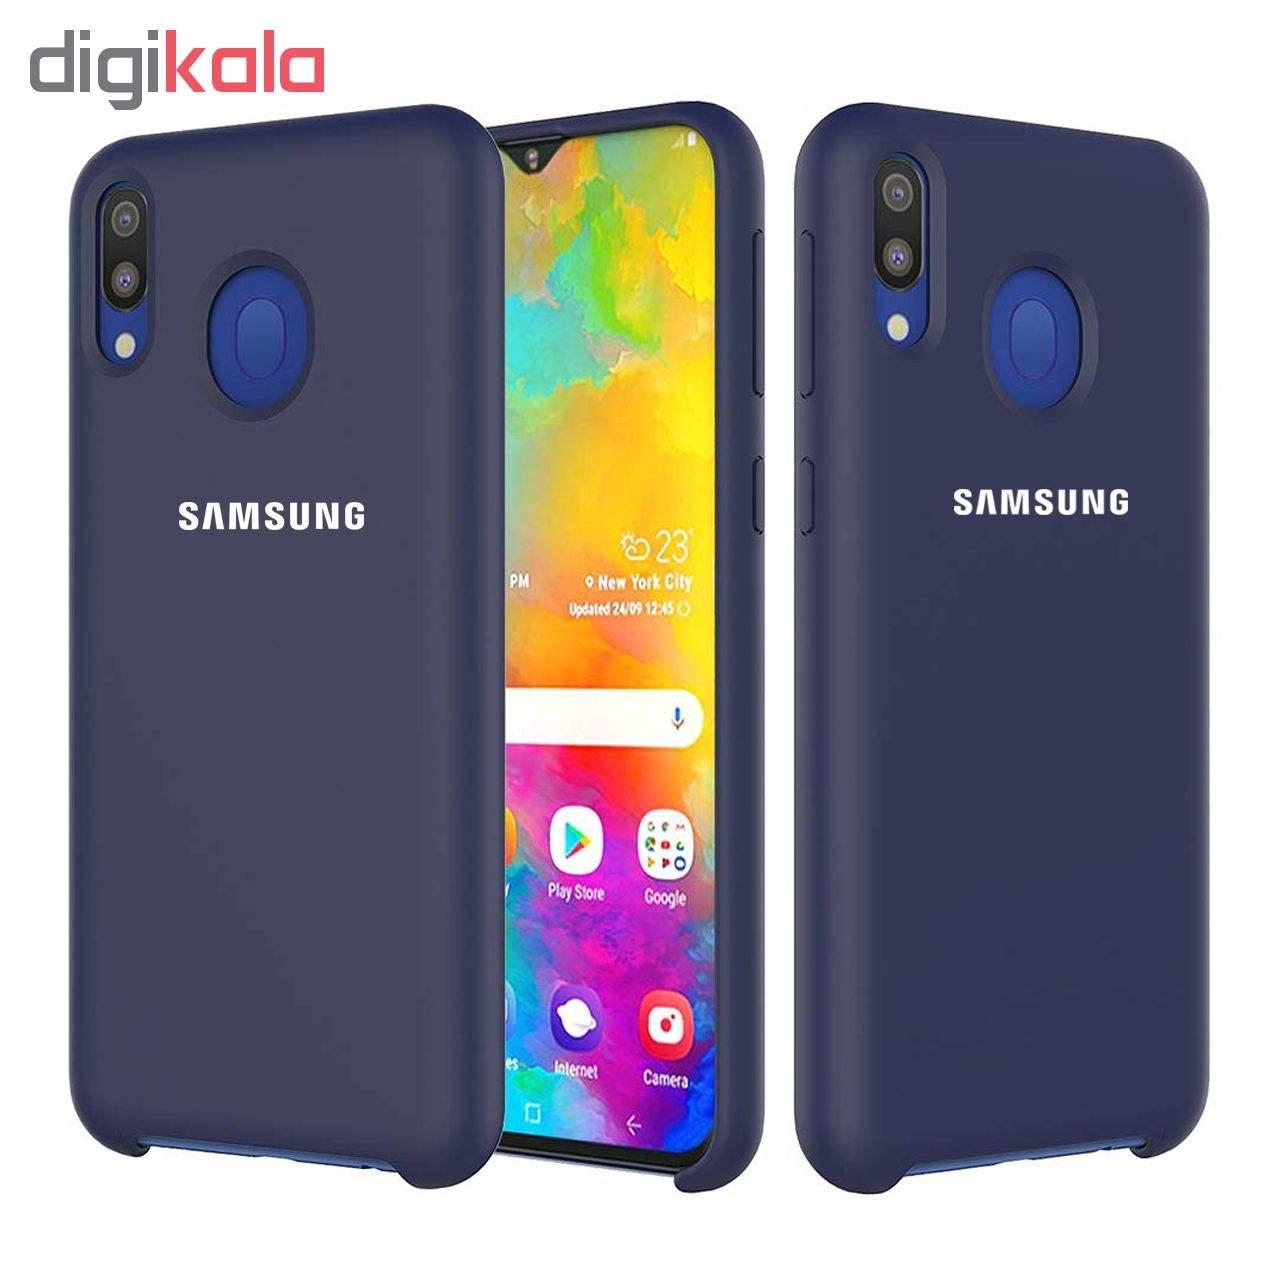 کاور سیلیکونی مدل Silky soft-touch مناسب برای گوشی موبایل سامسونگ Galaxy M20 main 1 9